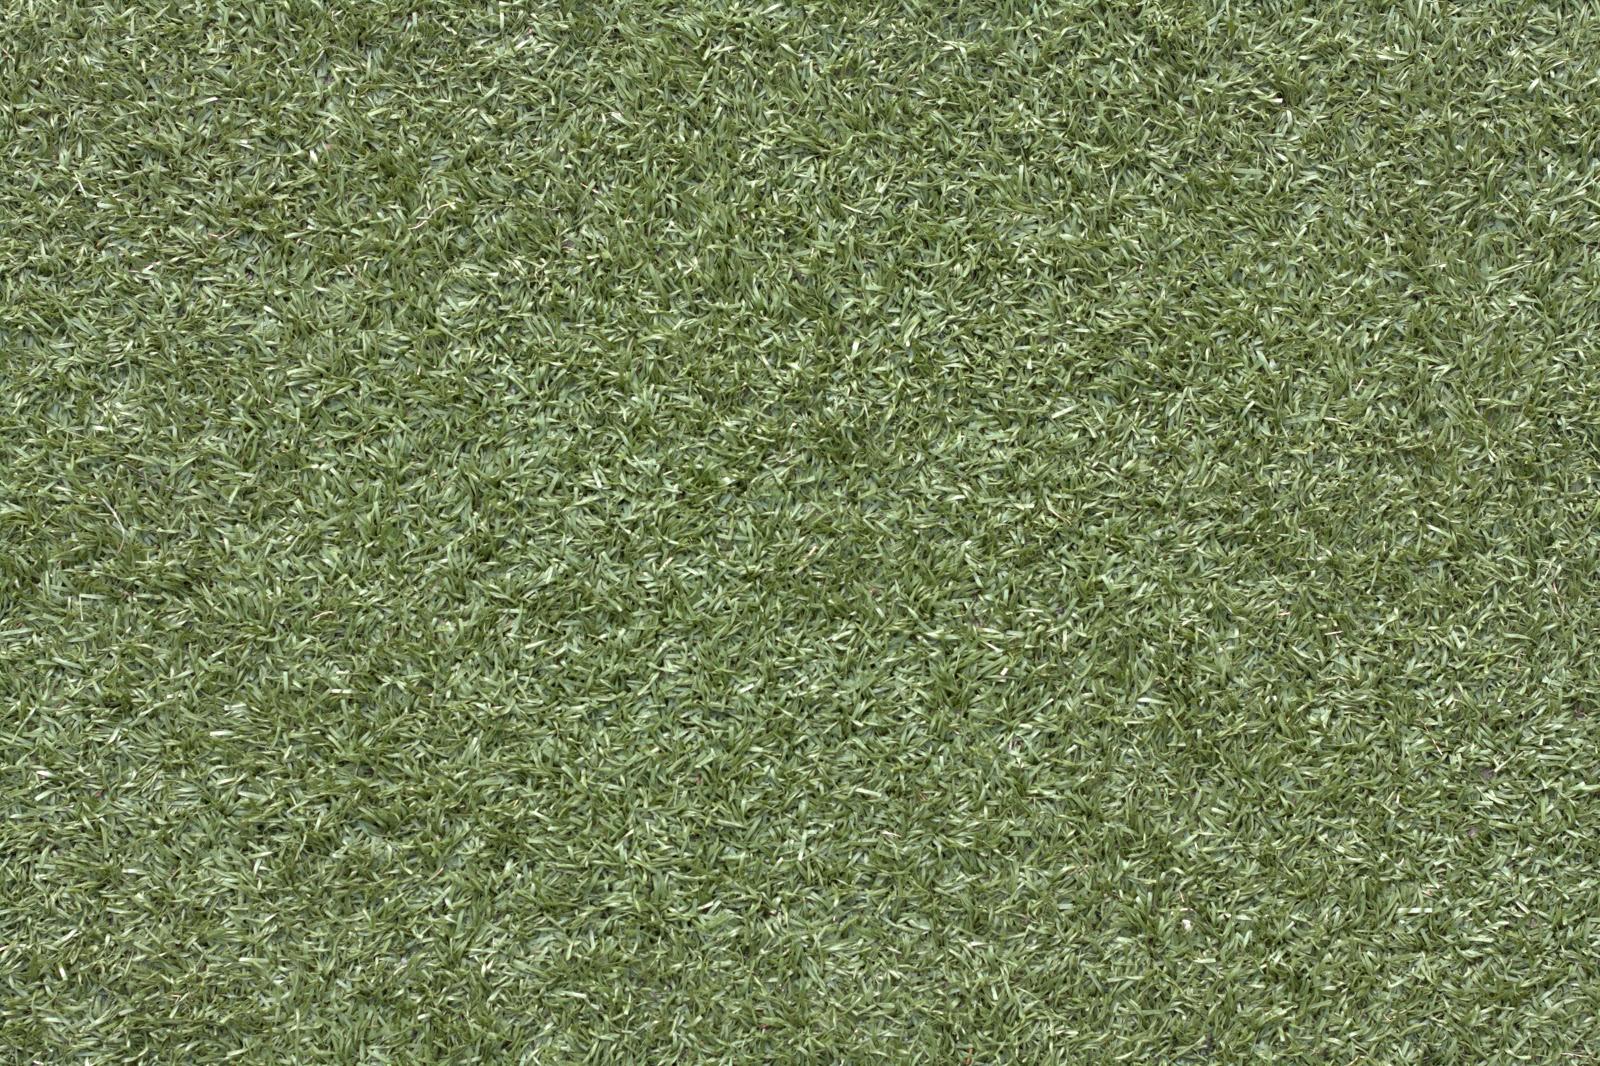 (GRASS 5) Plastic turf lawn green ground field texture 4770x3178